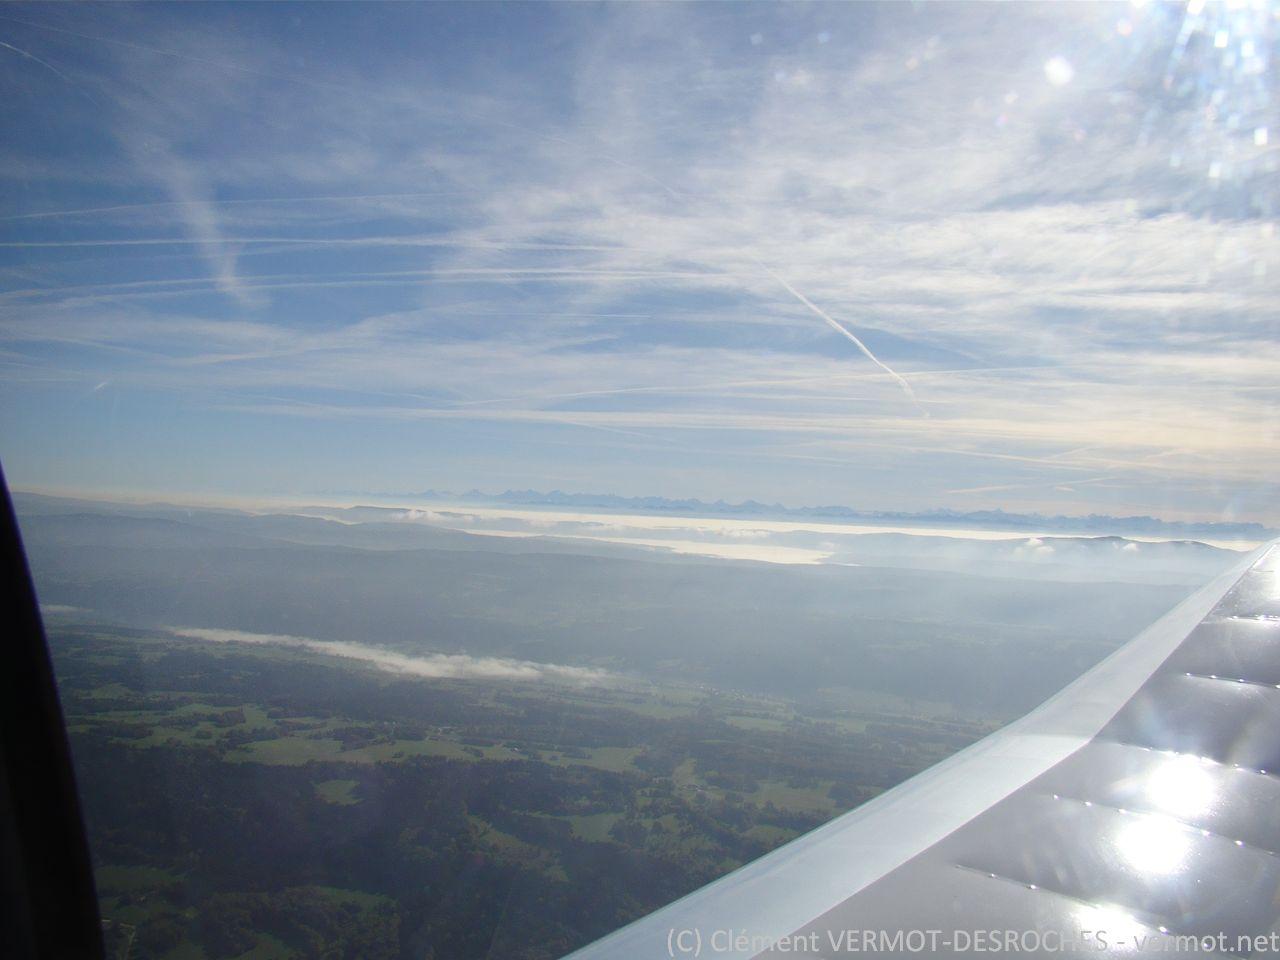 Les vallées suisses sont sous les nuages... les Alpes en toile de fond